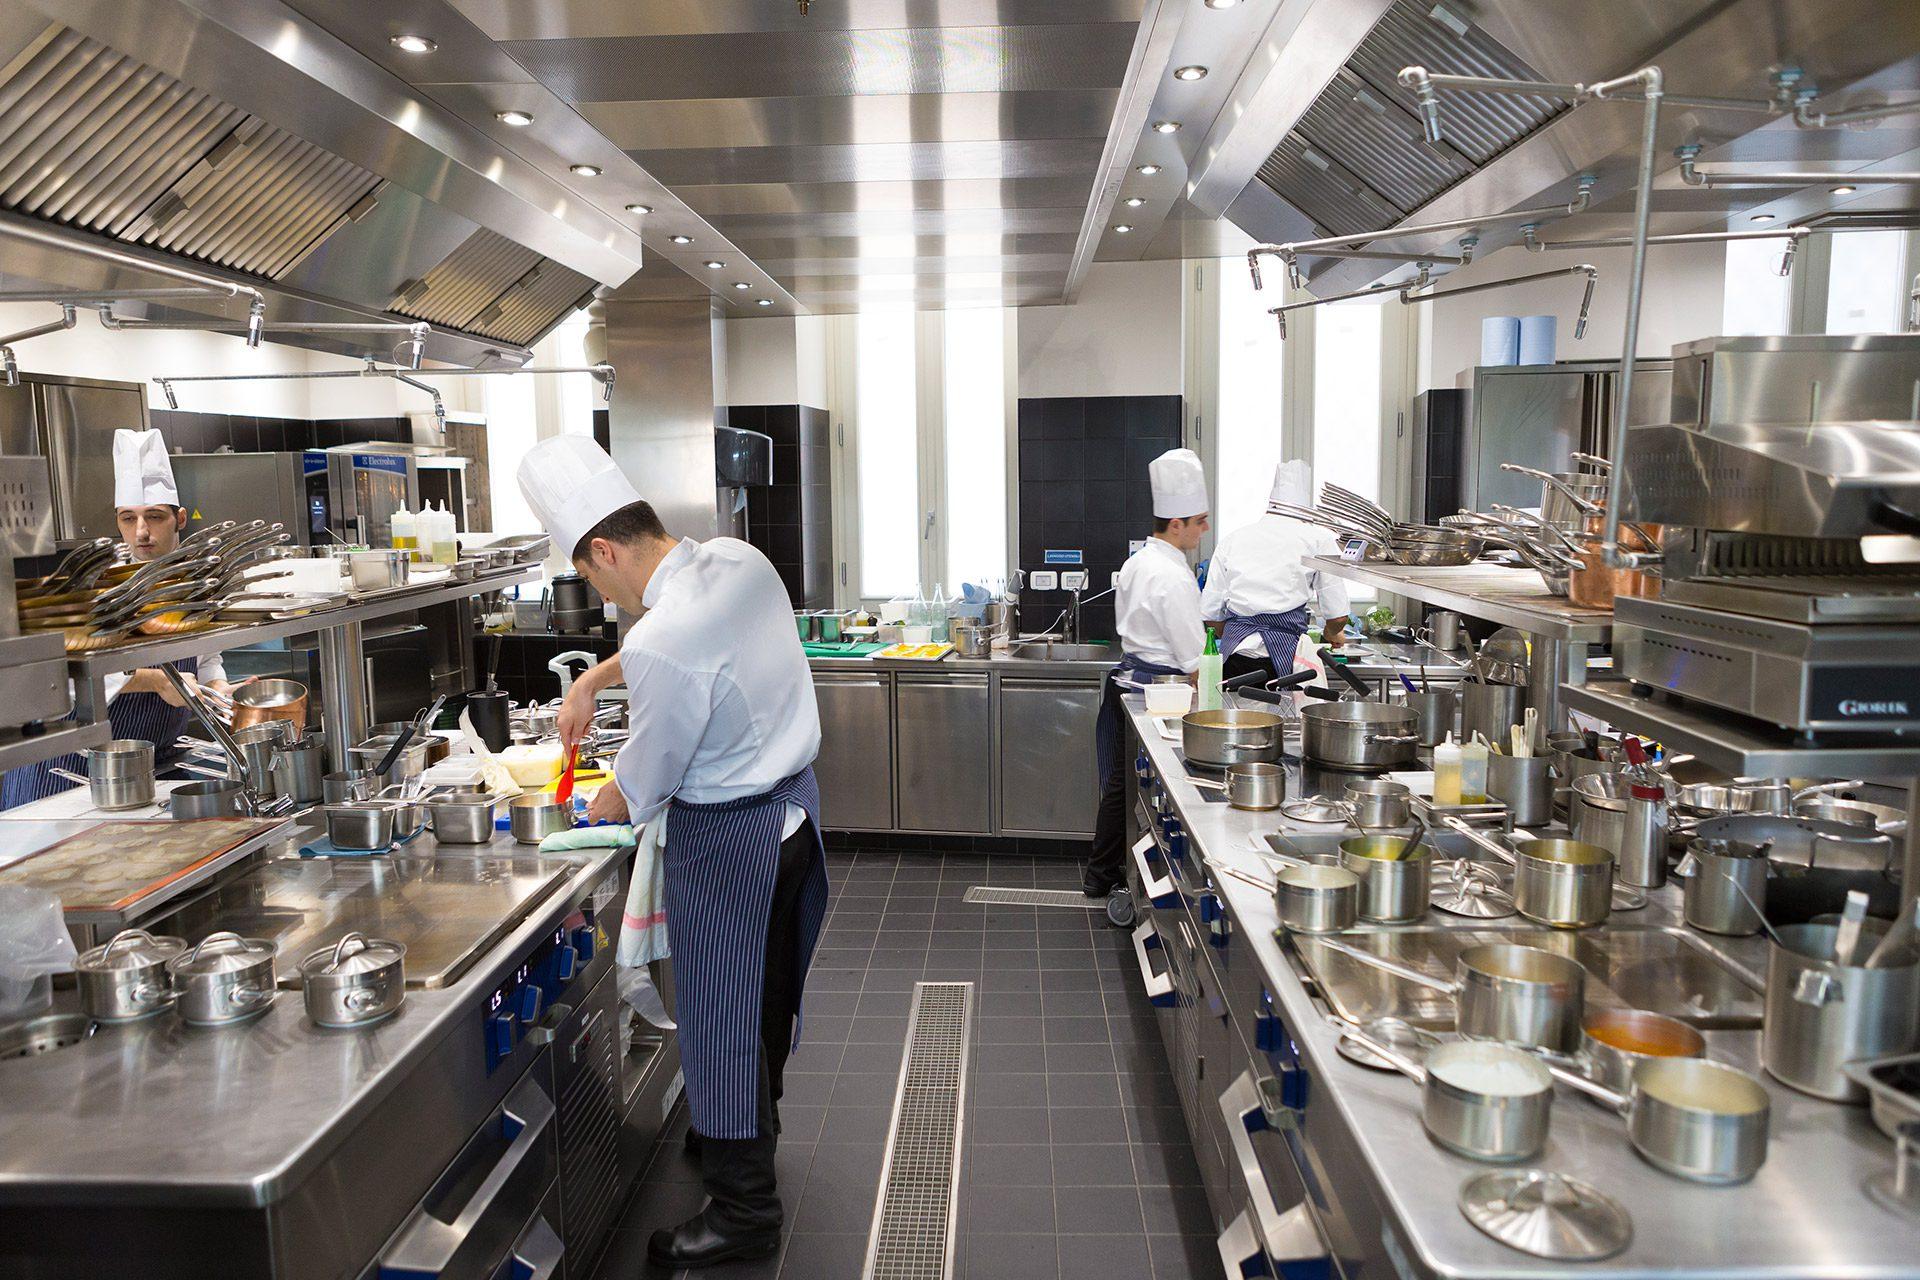 Ristorante seta due stelle michelin a brera mam e - Pulizia cucina ristorante ...